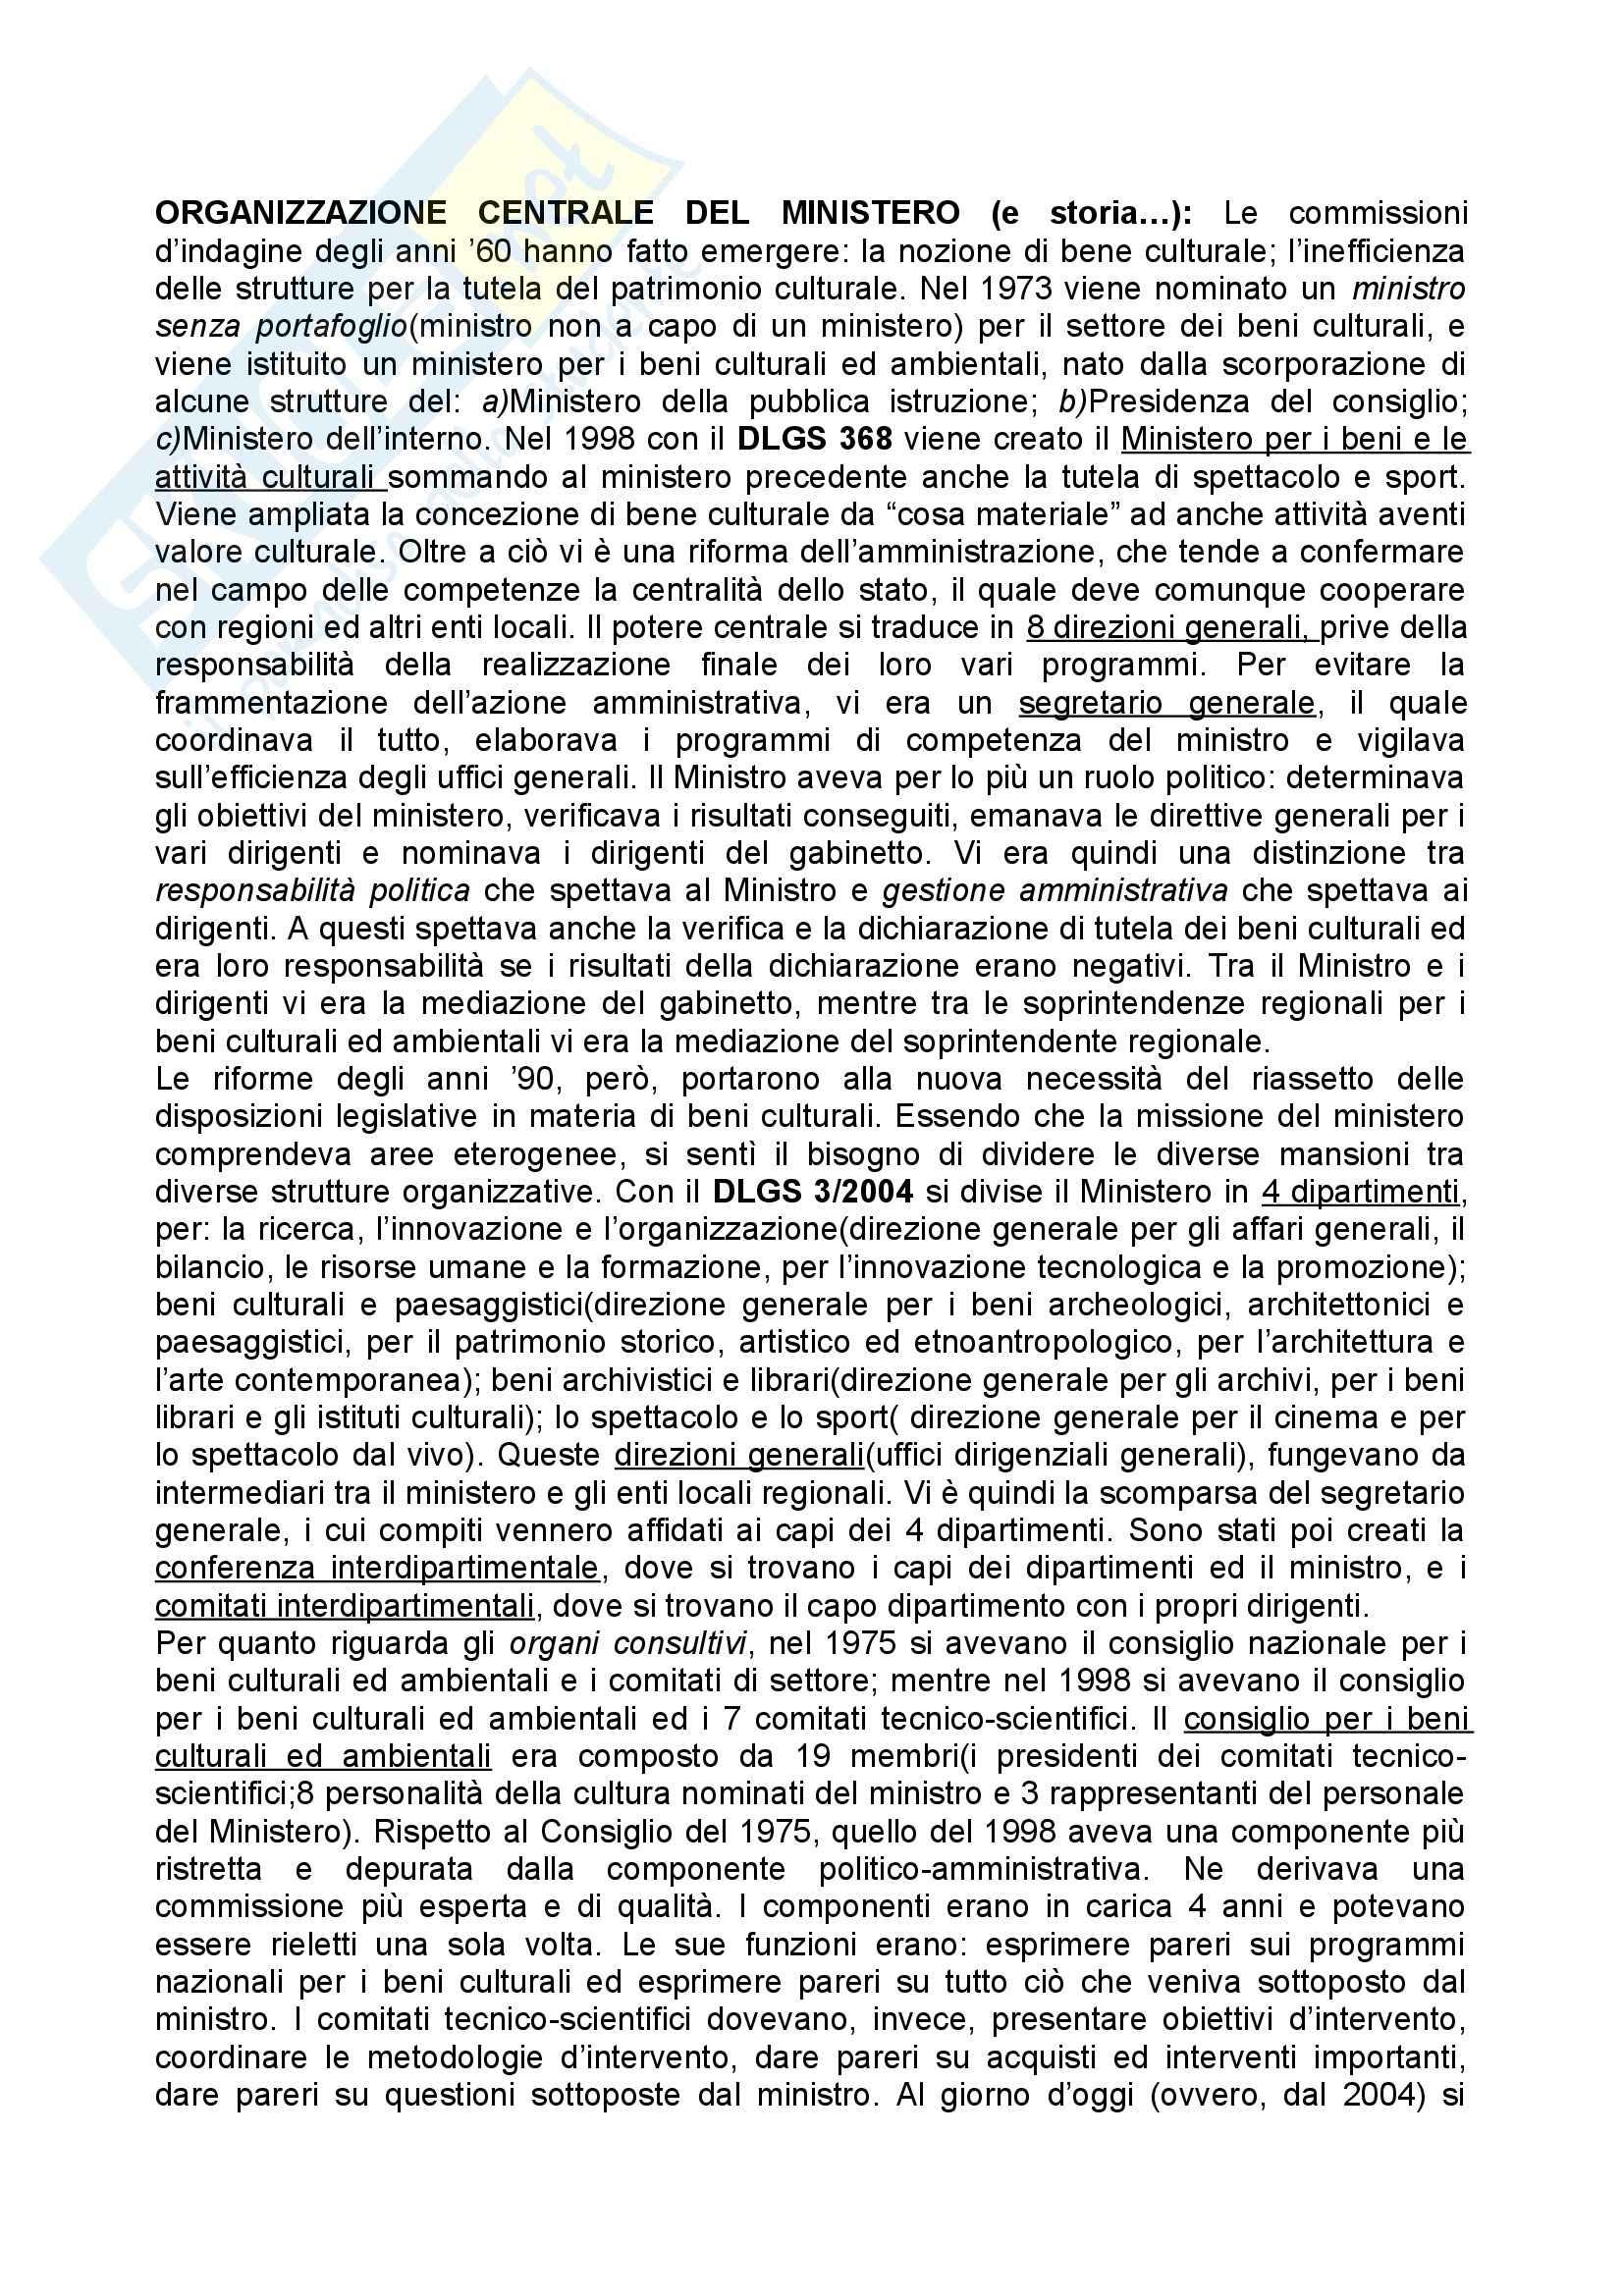 Legislazione dei beni culturali - l'organizzazione centrale del Ministero